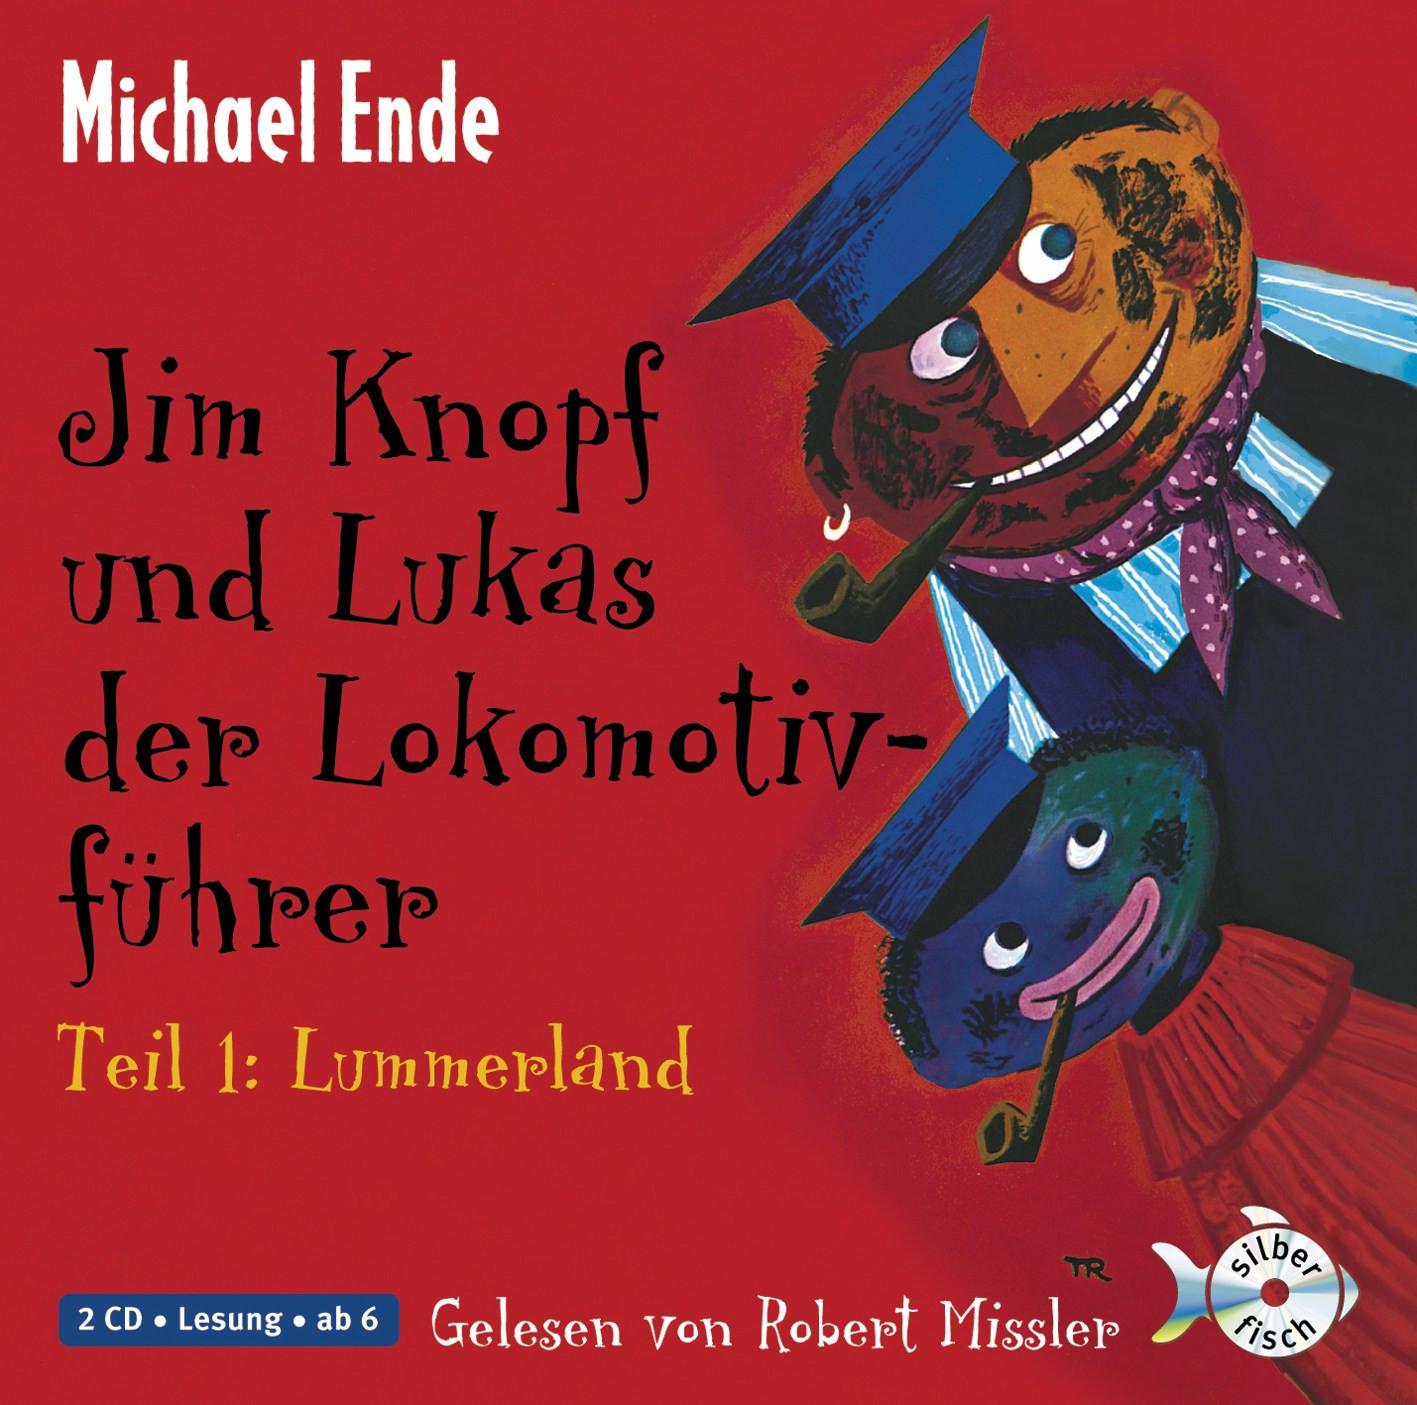 Jim Knopf Ausmalbilder Einzigartig Ausmalbilder Jim Knopf Genial Wochenzeitung Ansbach Kw 22 18 by Fotografieren